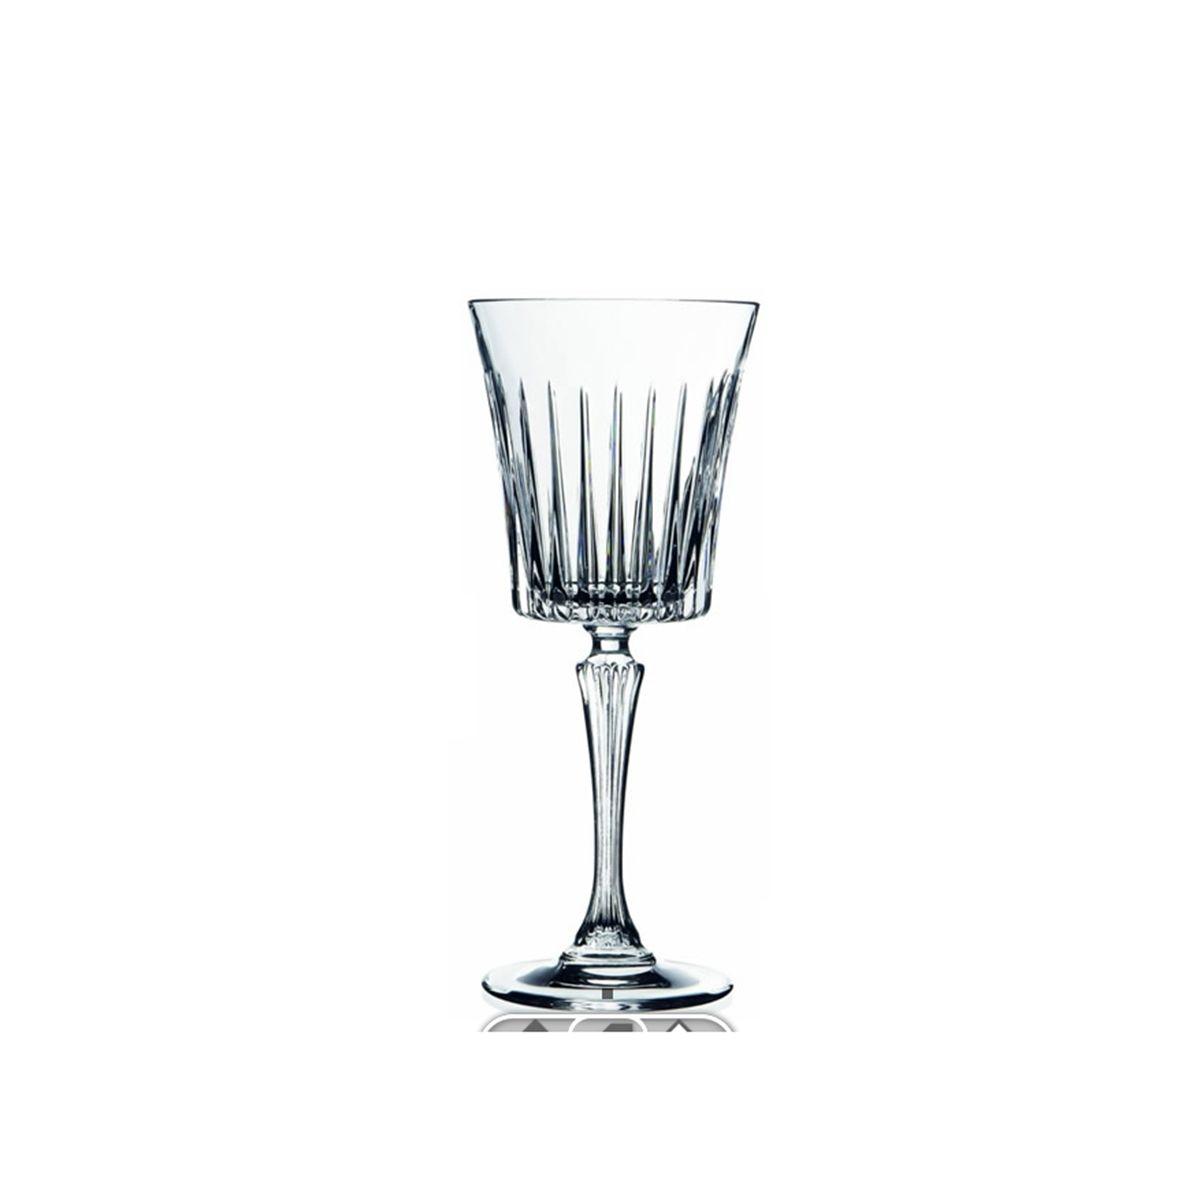 Набор бокалов д/вина 230 мл 6 шт TIMELESSНабор бокалов для вина Таймлесс – это идеальный выбор как для использования дома, так и для оснащения кафе или ресторанов. Данная серия отличается элегантным и современным дизайном, в котором нотки классики и мотивы модерна, лаконичный декор и изысканная форма. Набор универсален и станет хорошим выбором как для сервировки красного, так и для подачи белого вина, поэтому станет также выгодным приобретением. Изделие выполнено из высокопрочного стекла, при изготовления которого не применяются токсичные вещества. Оно не образует сколов и обеспечивает длительный срок службы. Набор бокалов для вина Таймлесс украсит ваш праздничный стол.<br>